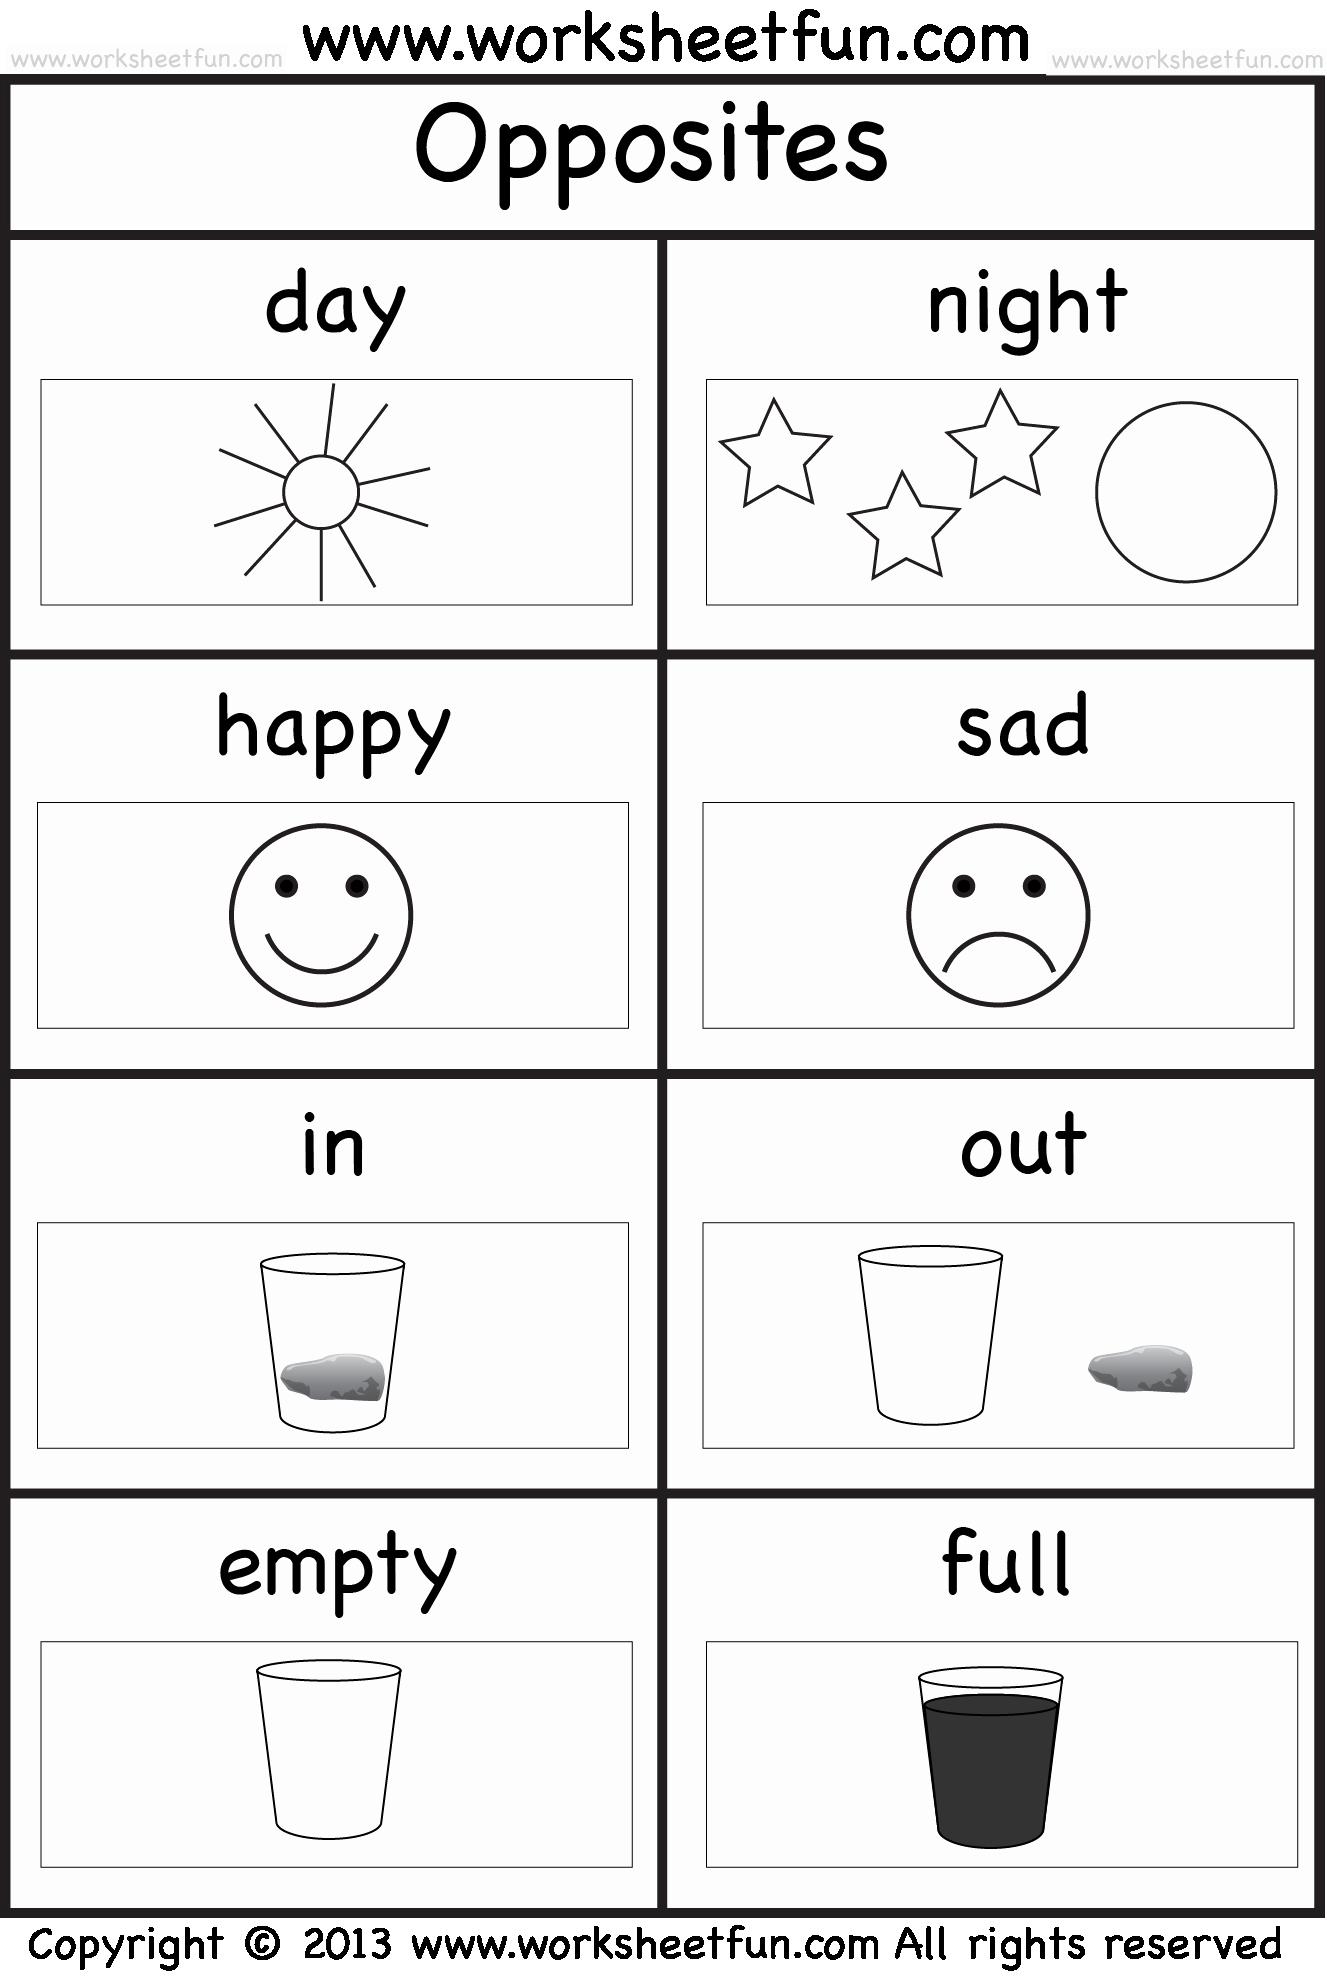 Opposites Preschool Worksheets Unique Opposites – 2 Worksheets Free Printable Worksheets